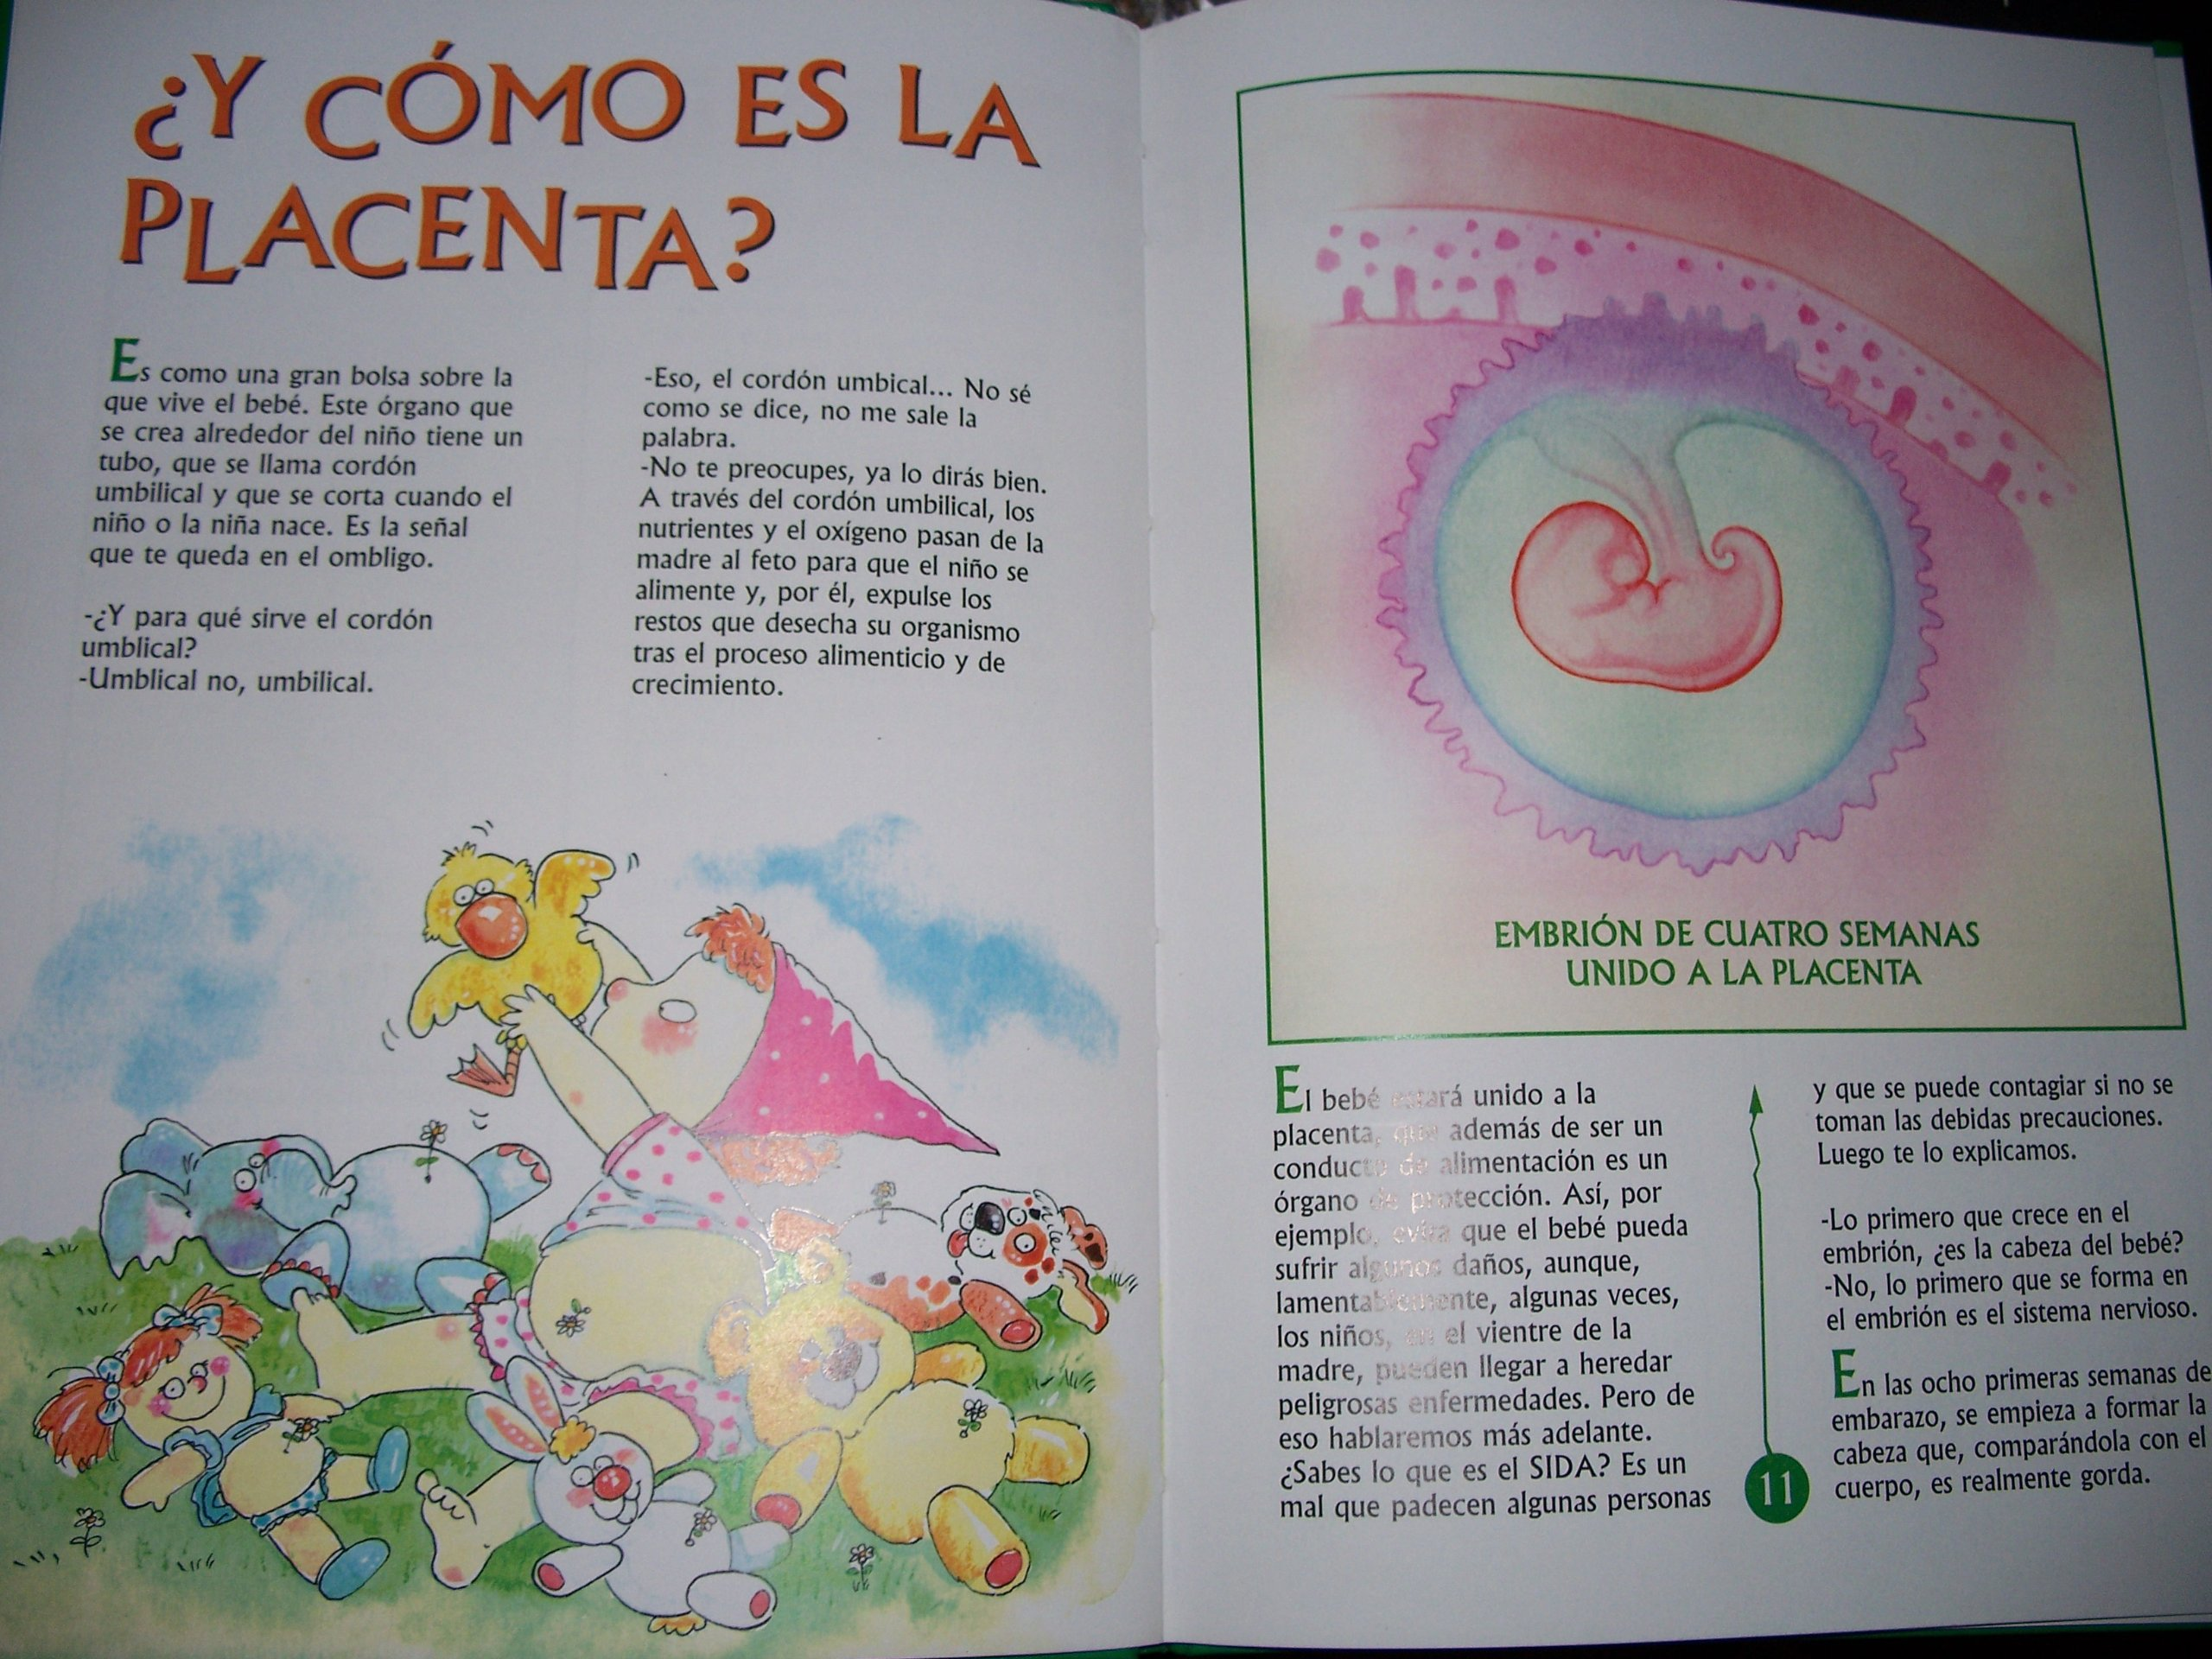 Como Nacemos Los Ninos Y Las Ninas? - Mi Primera Enciclopedia de Educacion Sexual: Ediciones Nautal: Amazon.com: Books